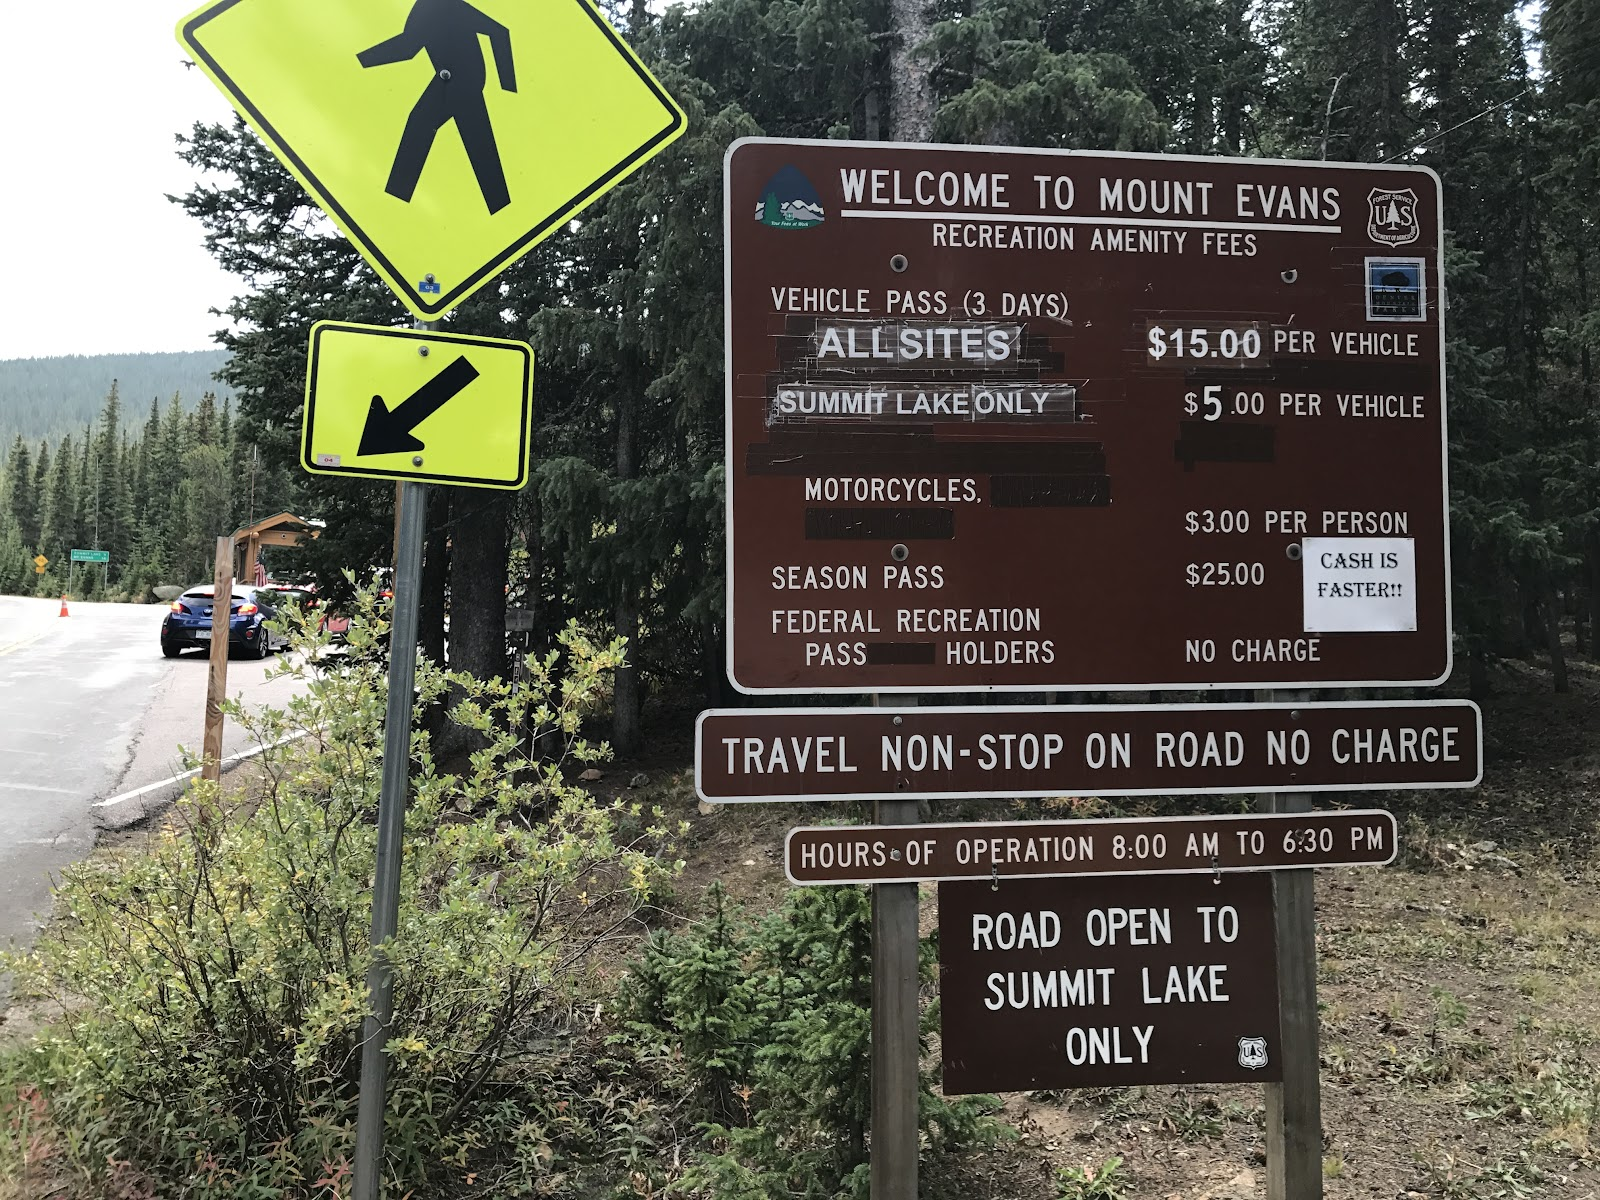 Mount Evans Park entrance sign